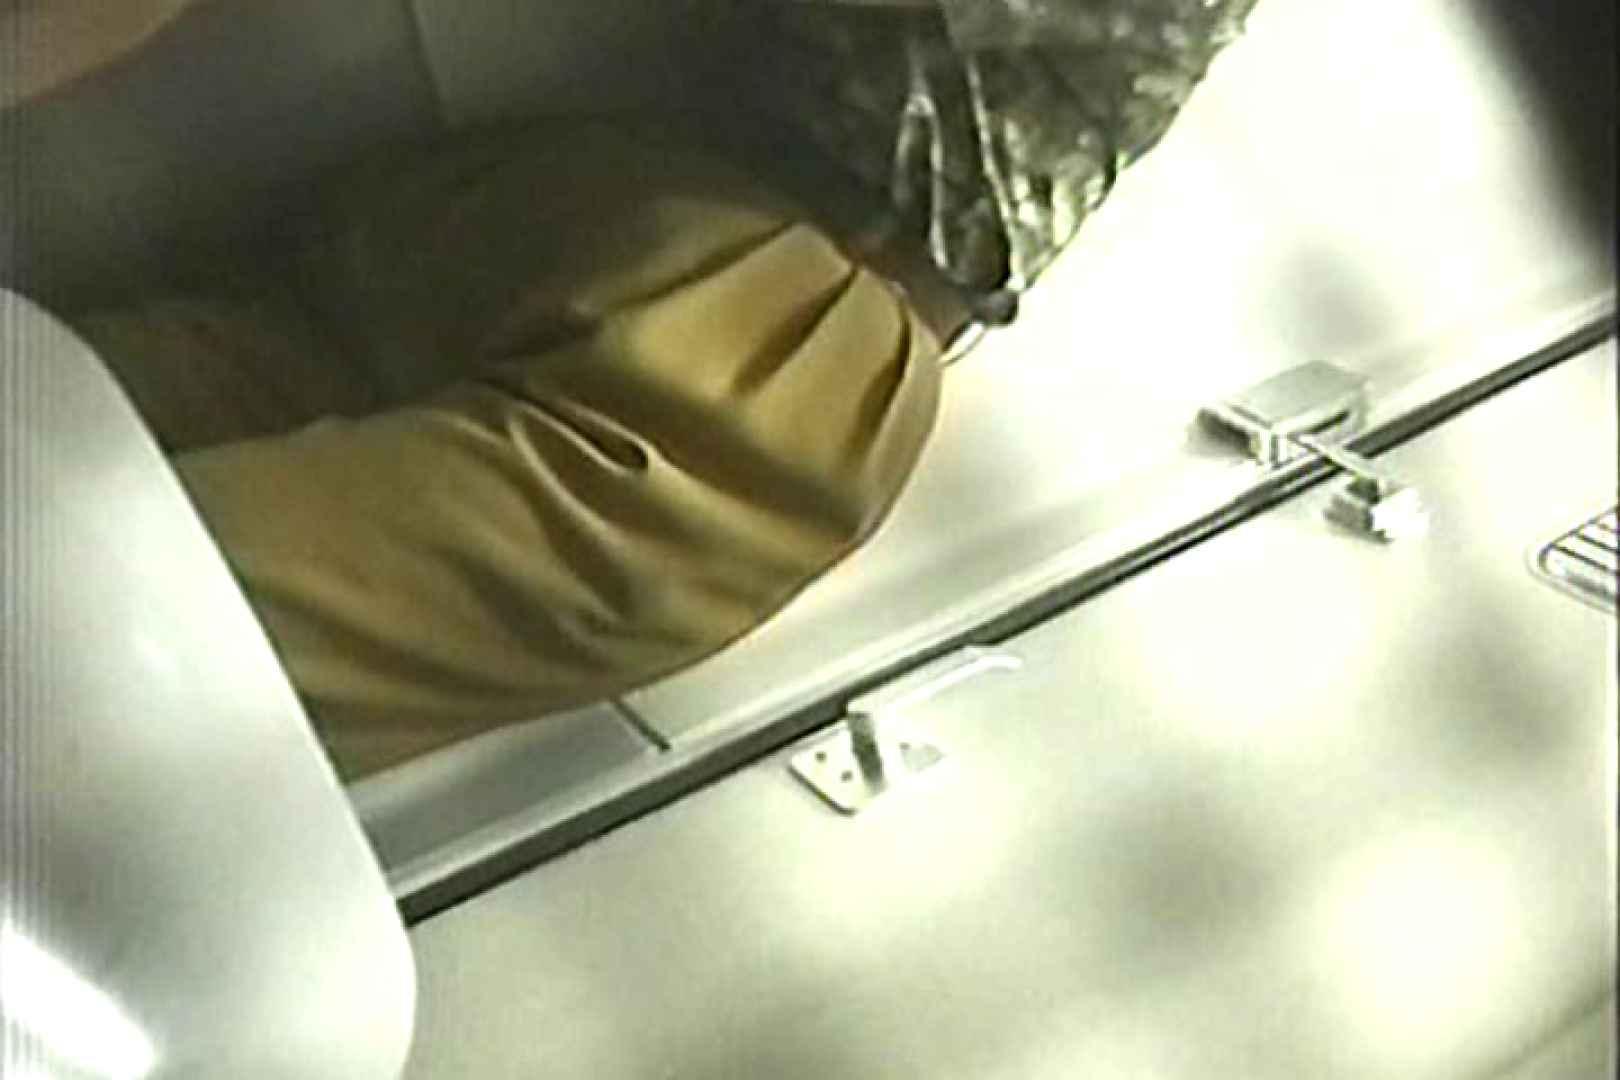 車内洗面所盗撮 電車ゆれればお尻もゆれる TK-98 独占盗撮  33連発 18